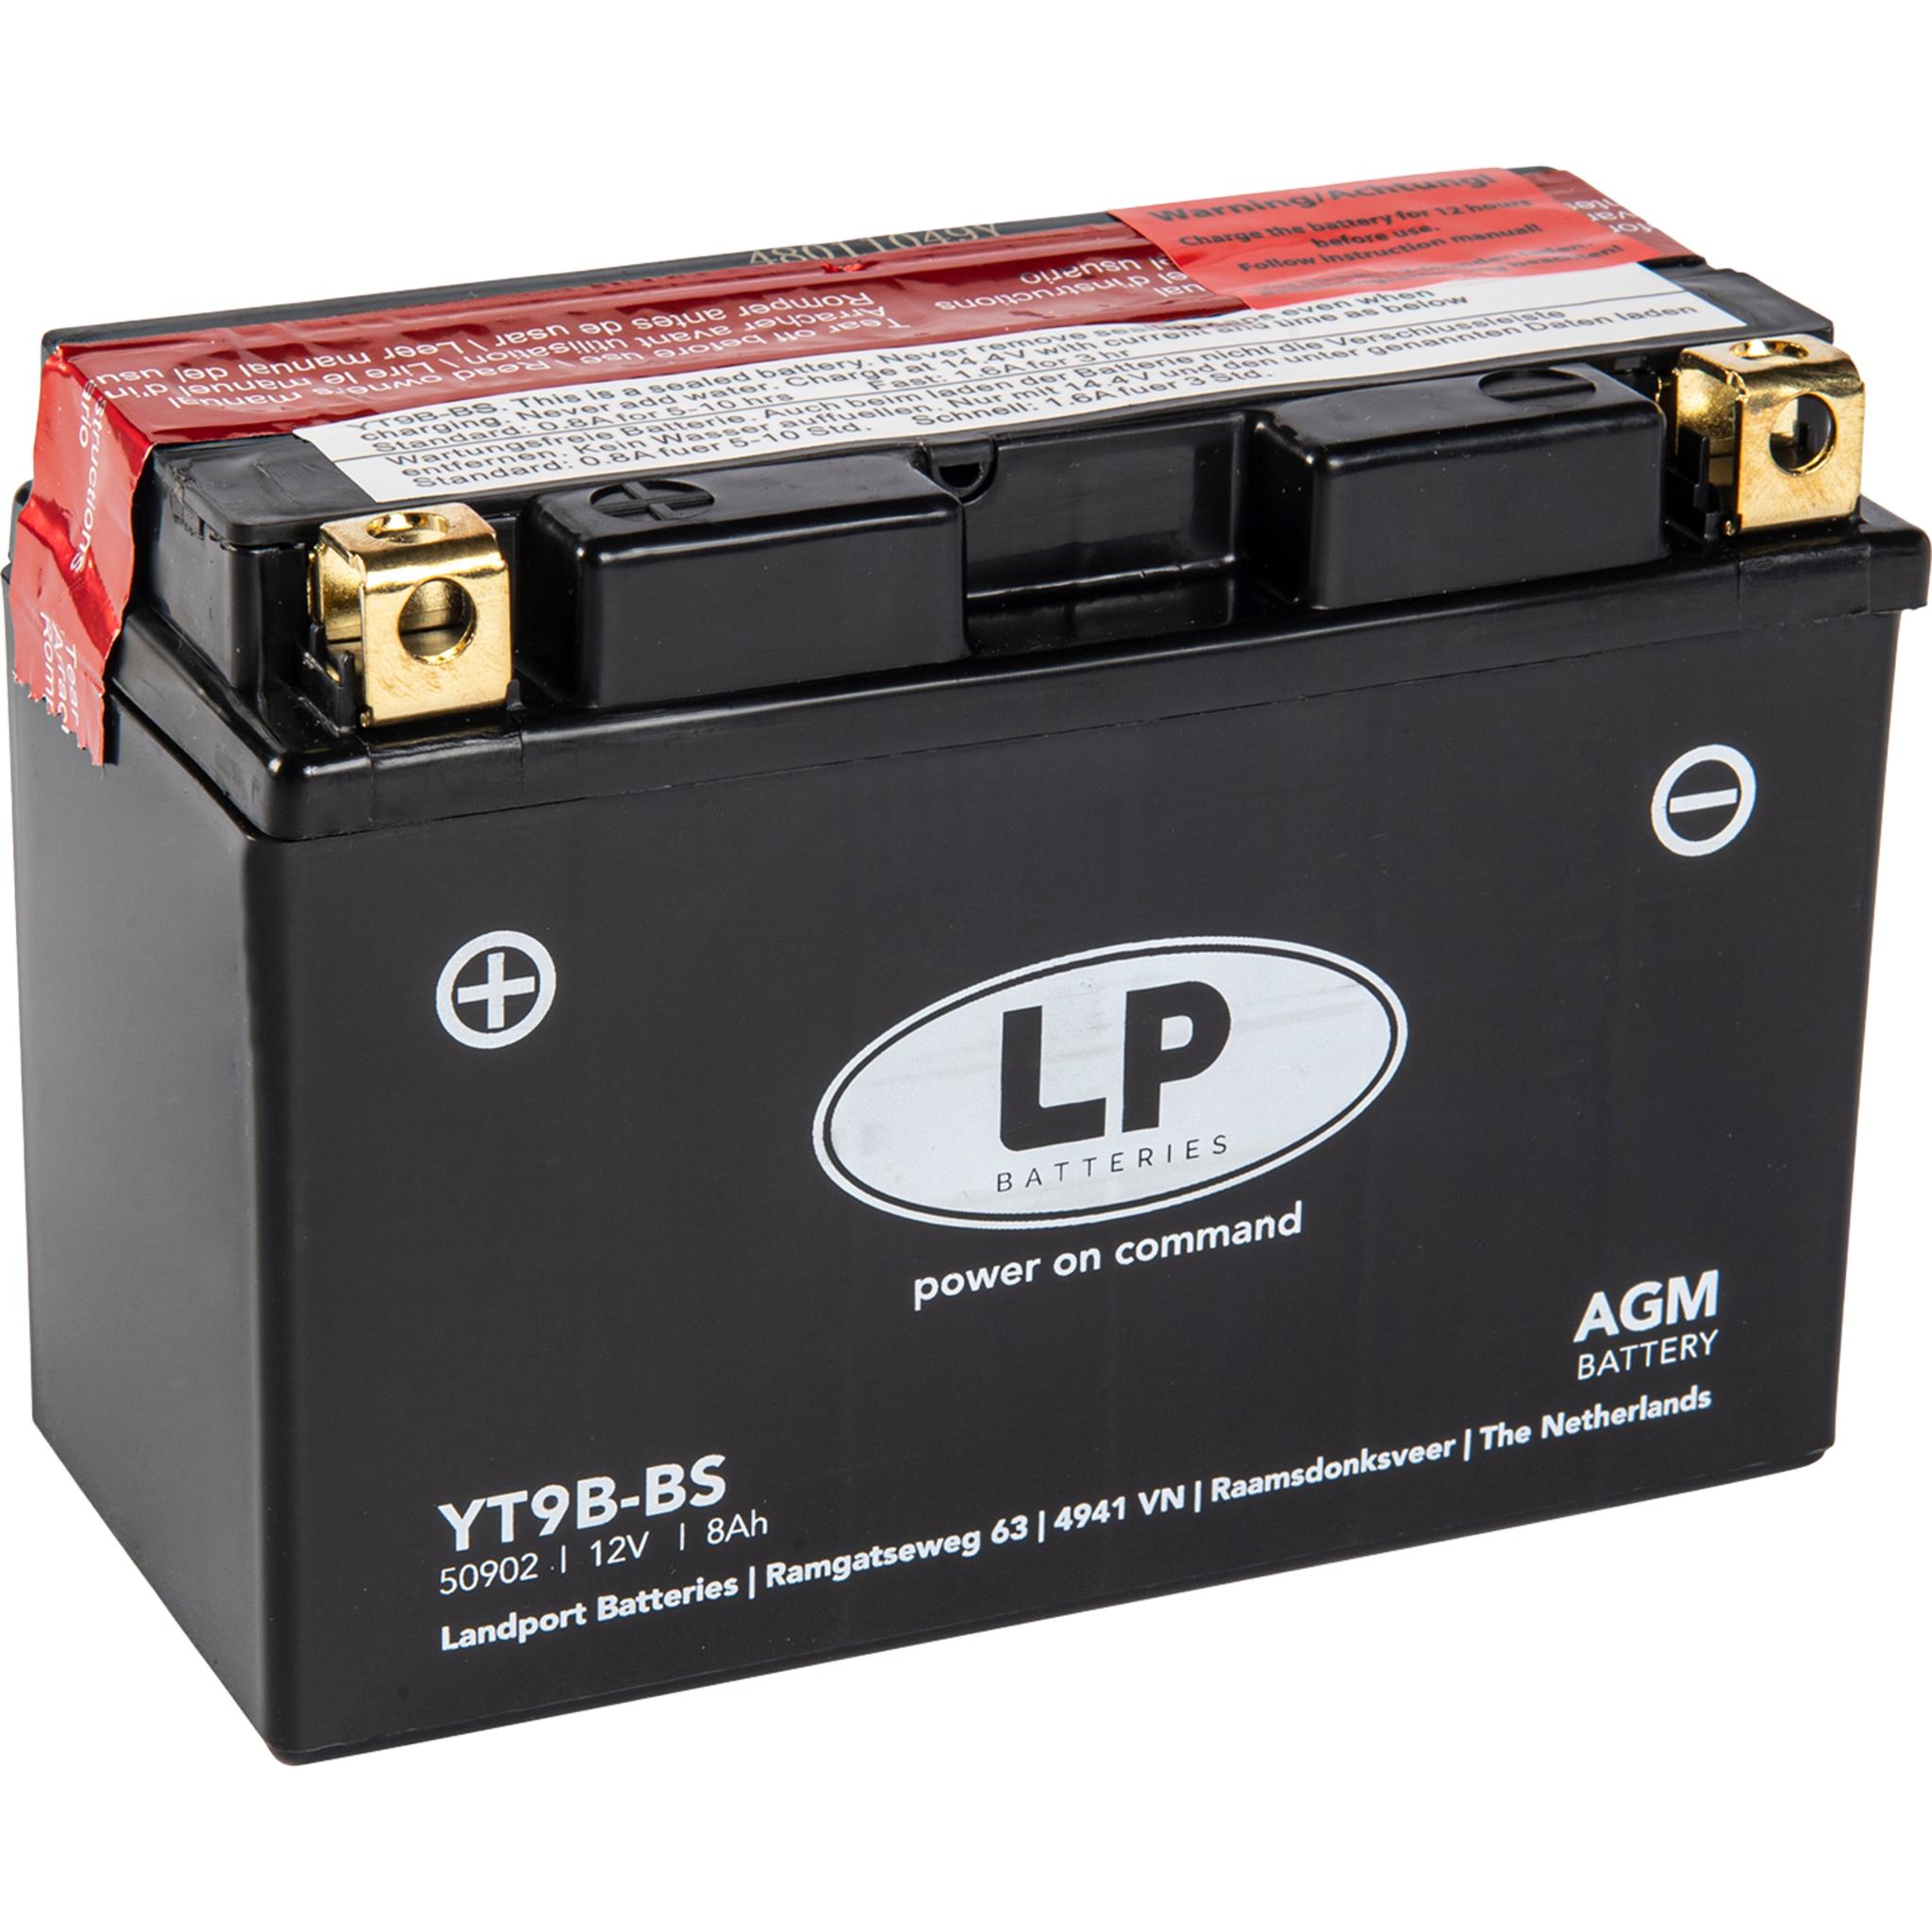 Аккумулятор Landport YT9B-BS, 12V, AGM